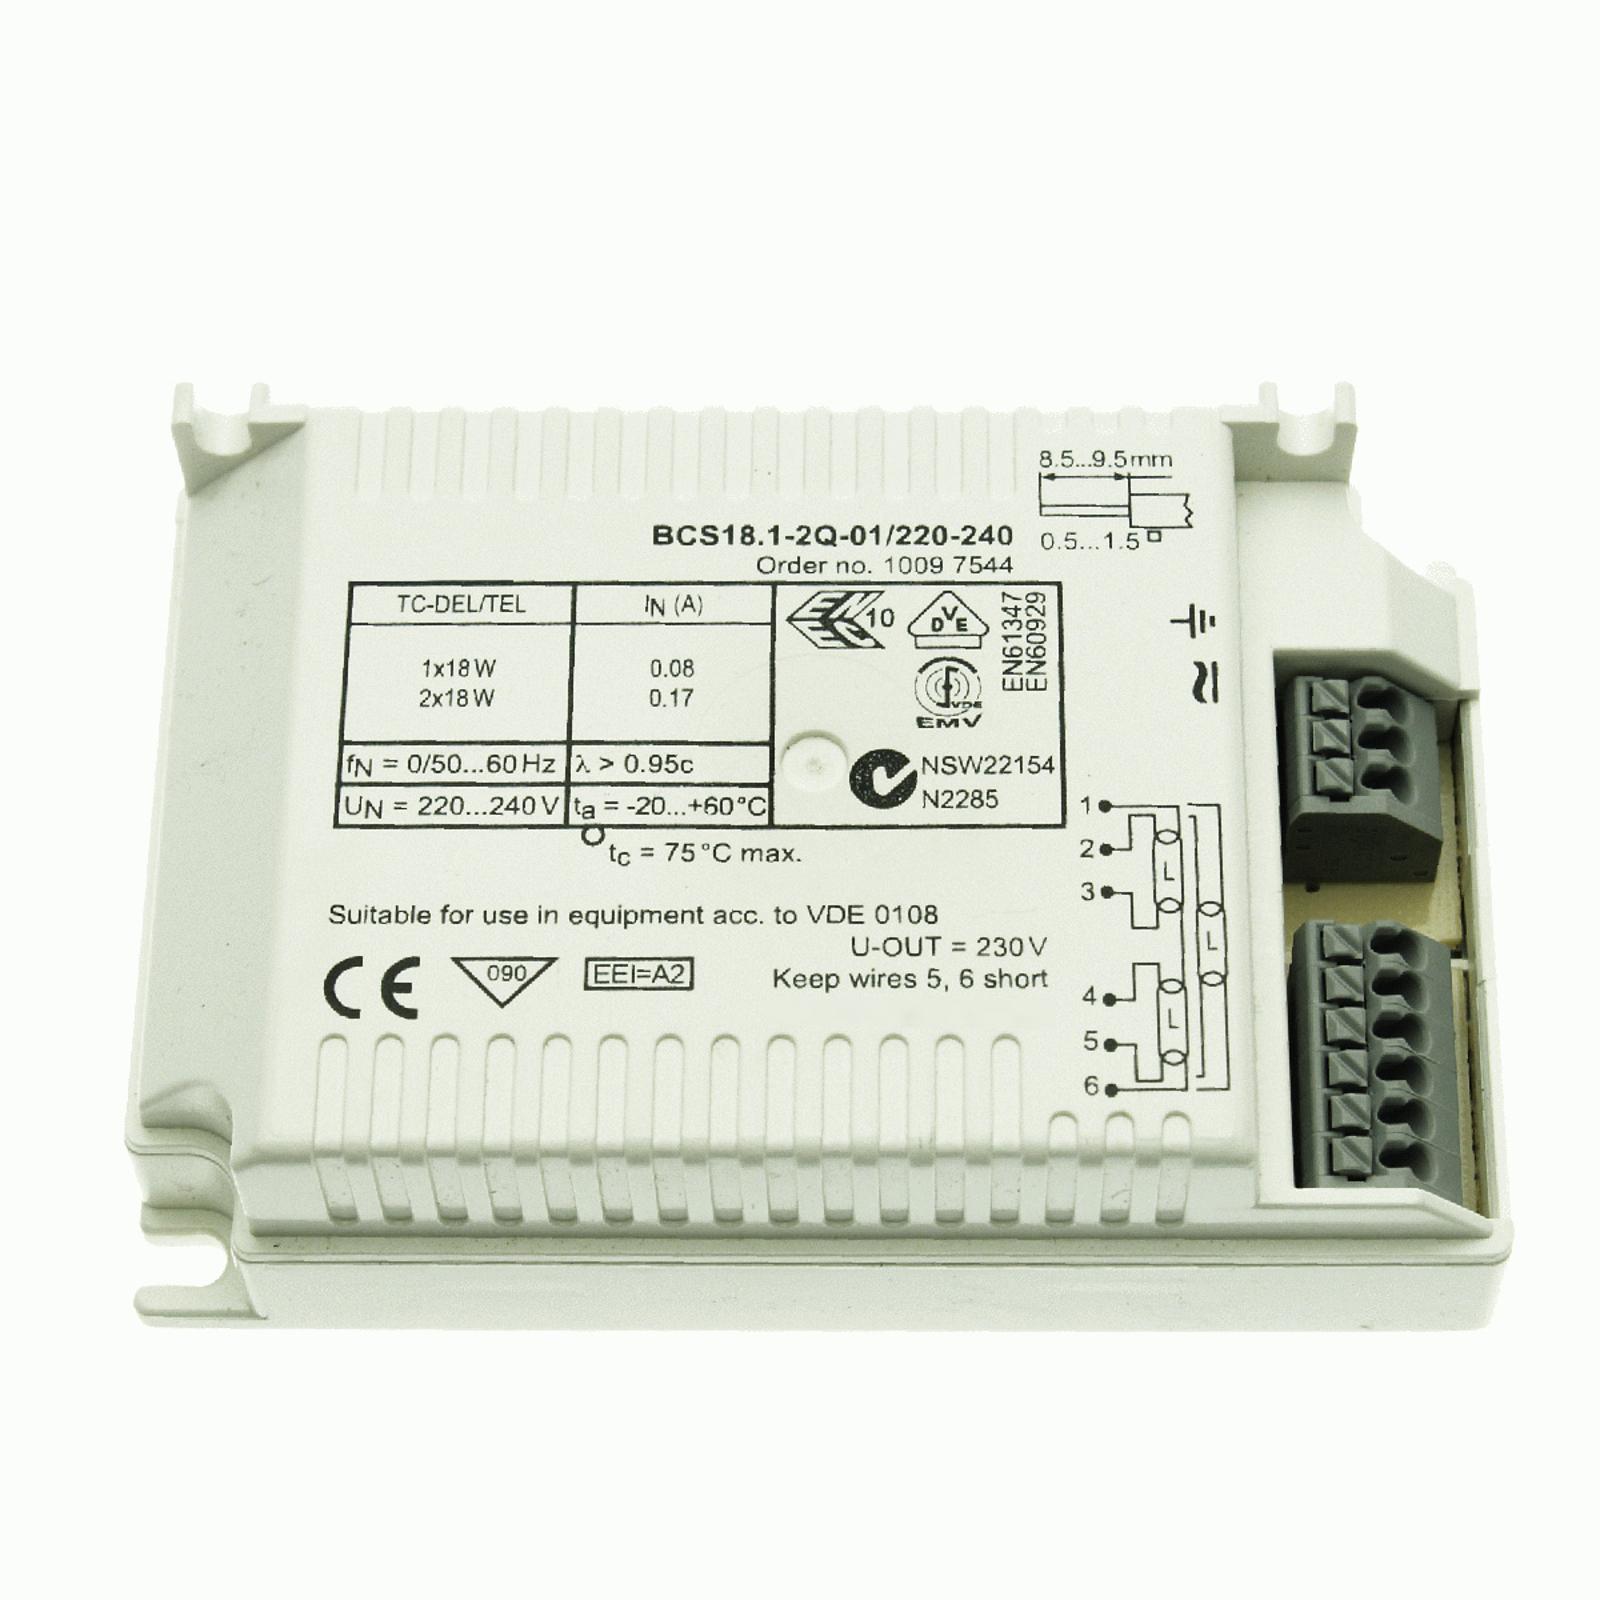 BE 1/2 x 18W TC-DEL/TEL BCS18.1-2Q-01/220-240